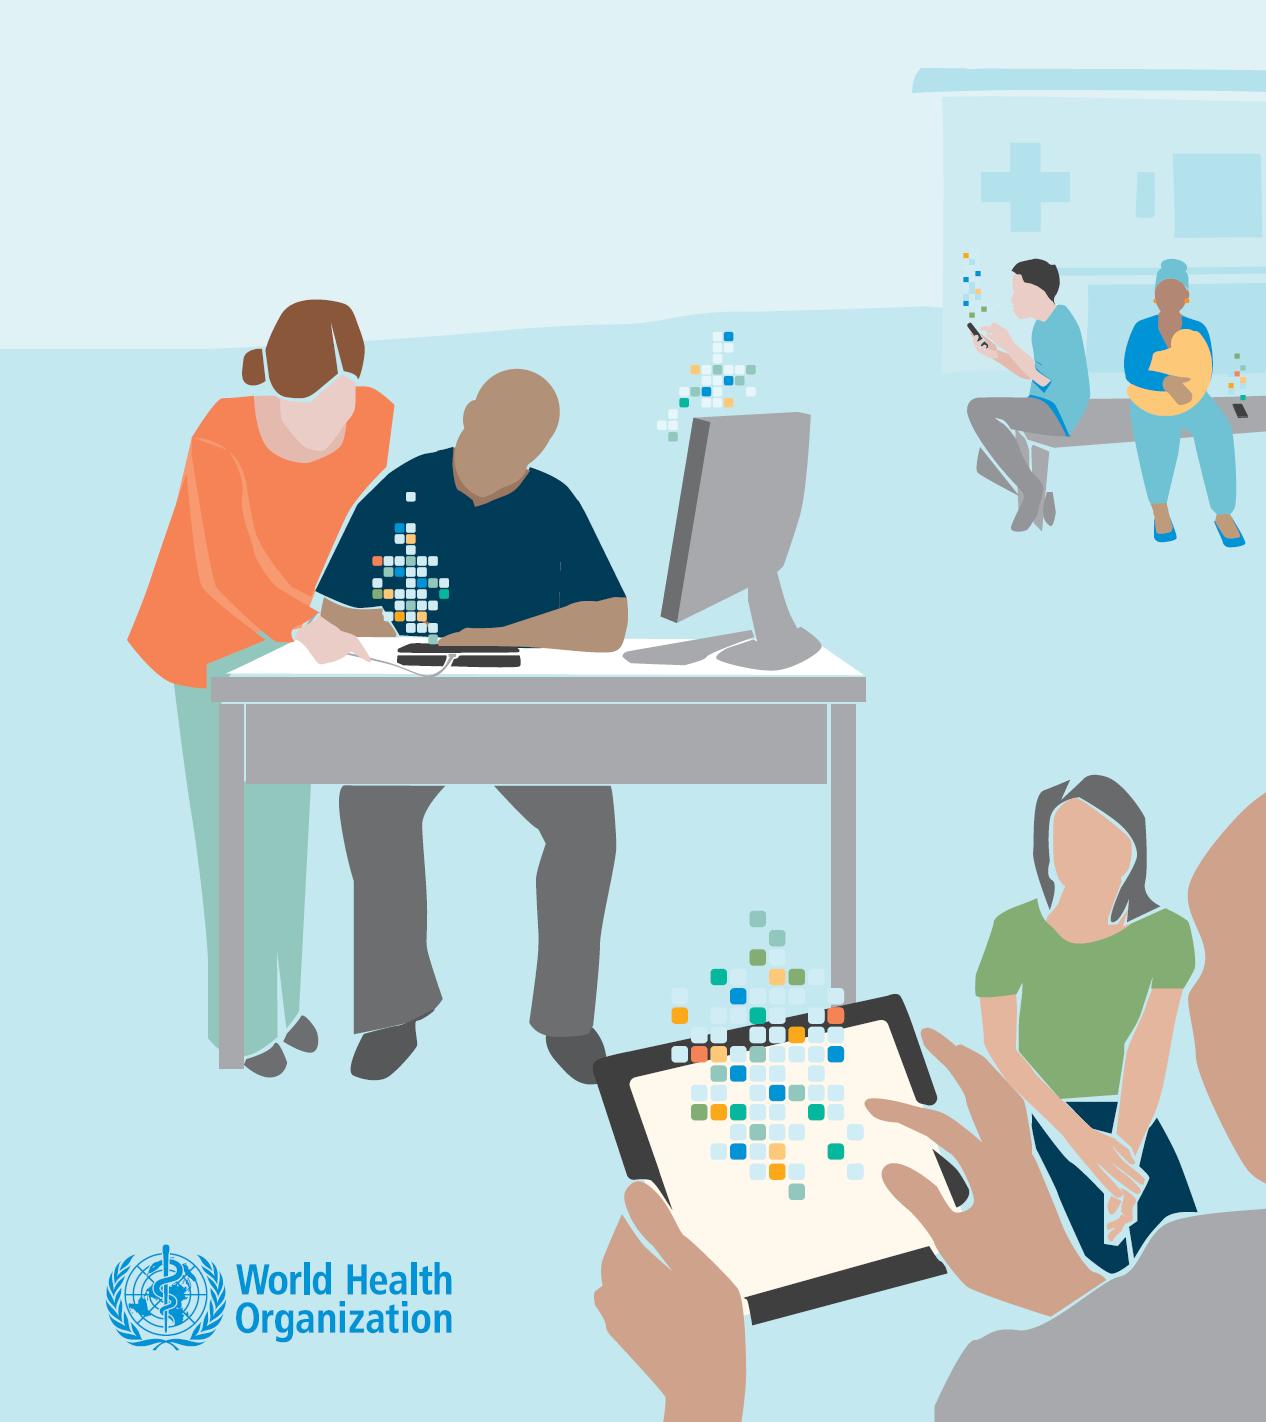 سلامت دیجیتال به معنی استفاده از تکنولوژیهای اطلاعرسانی و ارتباطی یا همان ICTs برای ارائه خدمات در حوزه سلامت است.